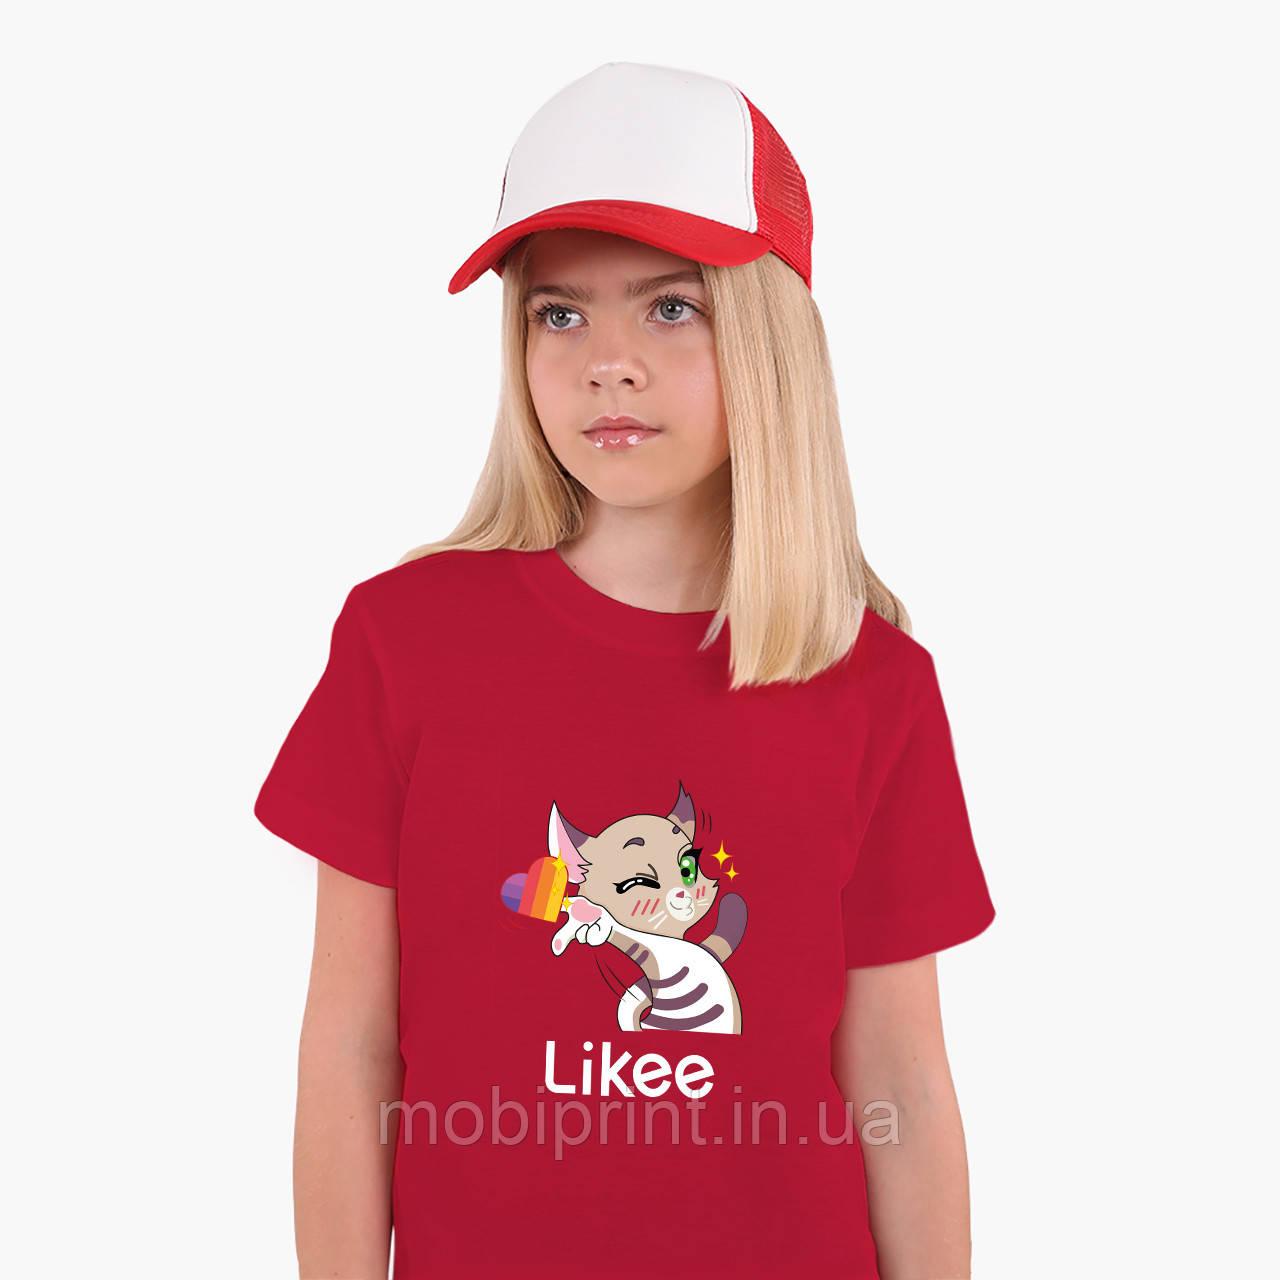 Детская футболка для девочек Лайк (Likee) (25186-1032) Красный